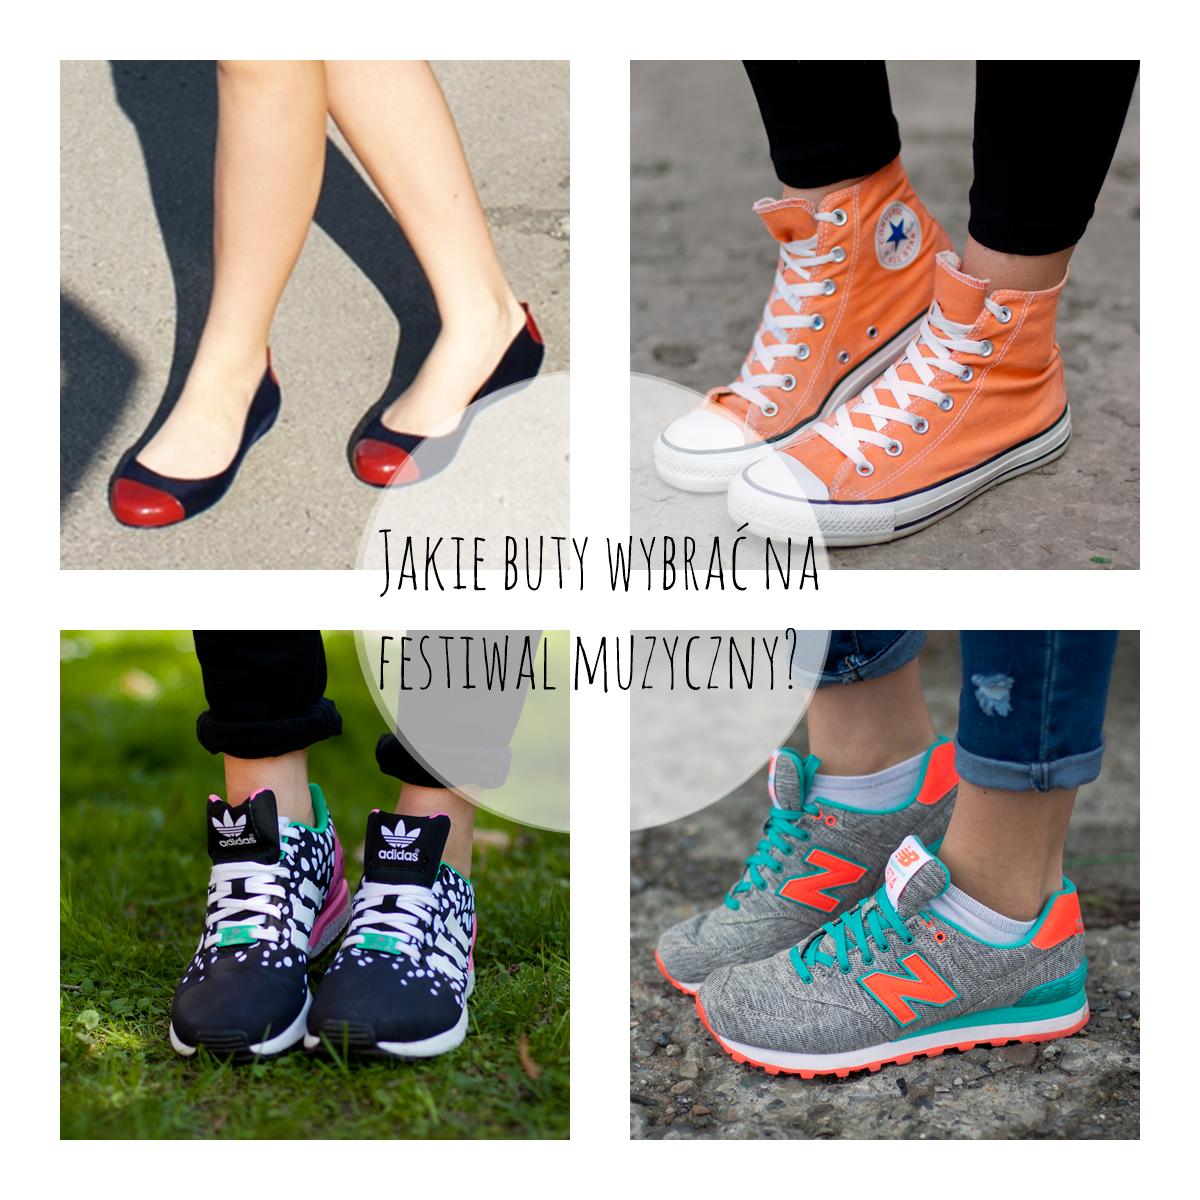 jakie buty wybrać na festiwal muzyczny?